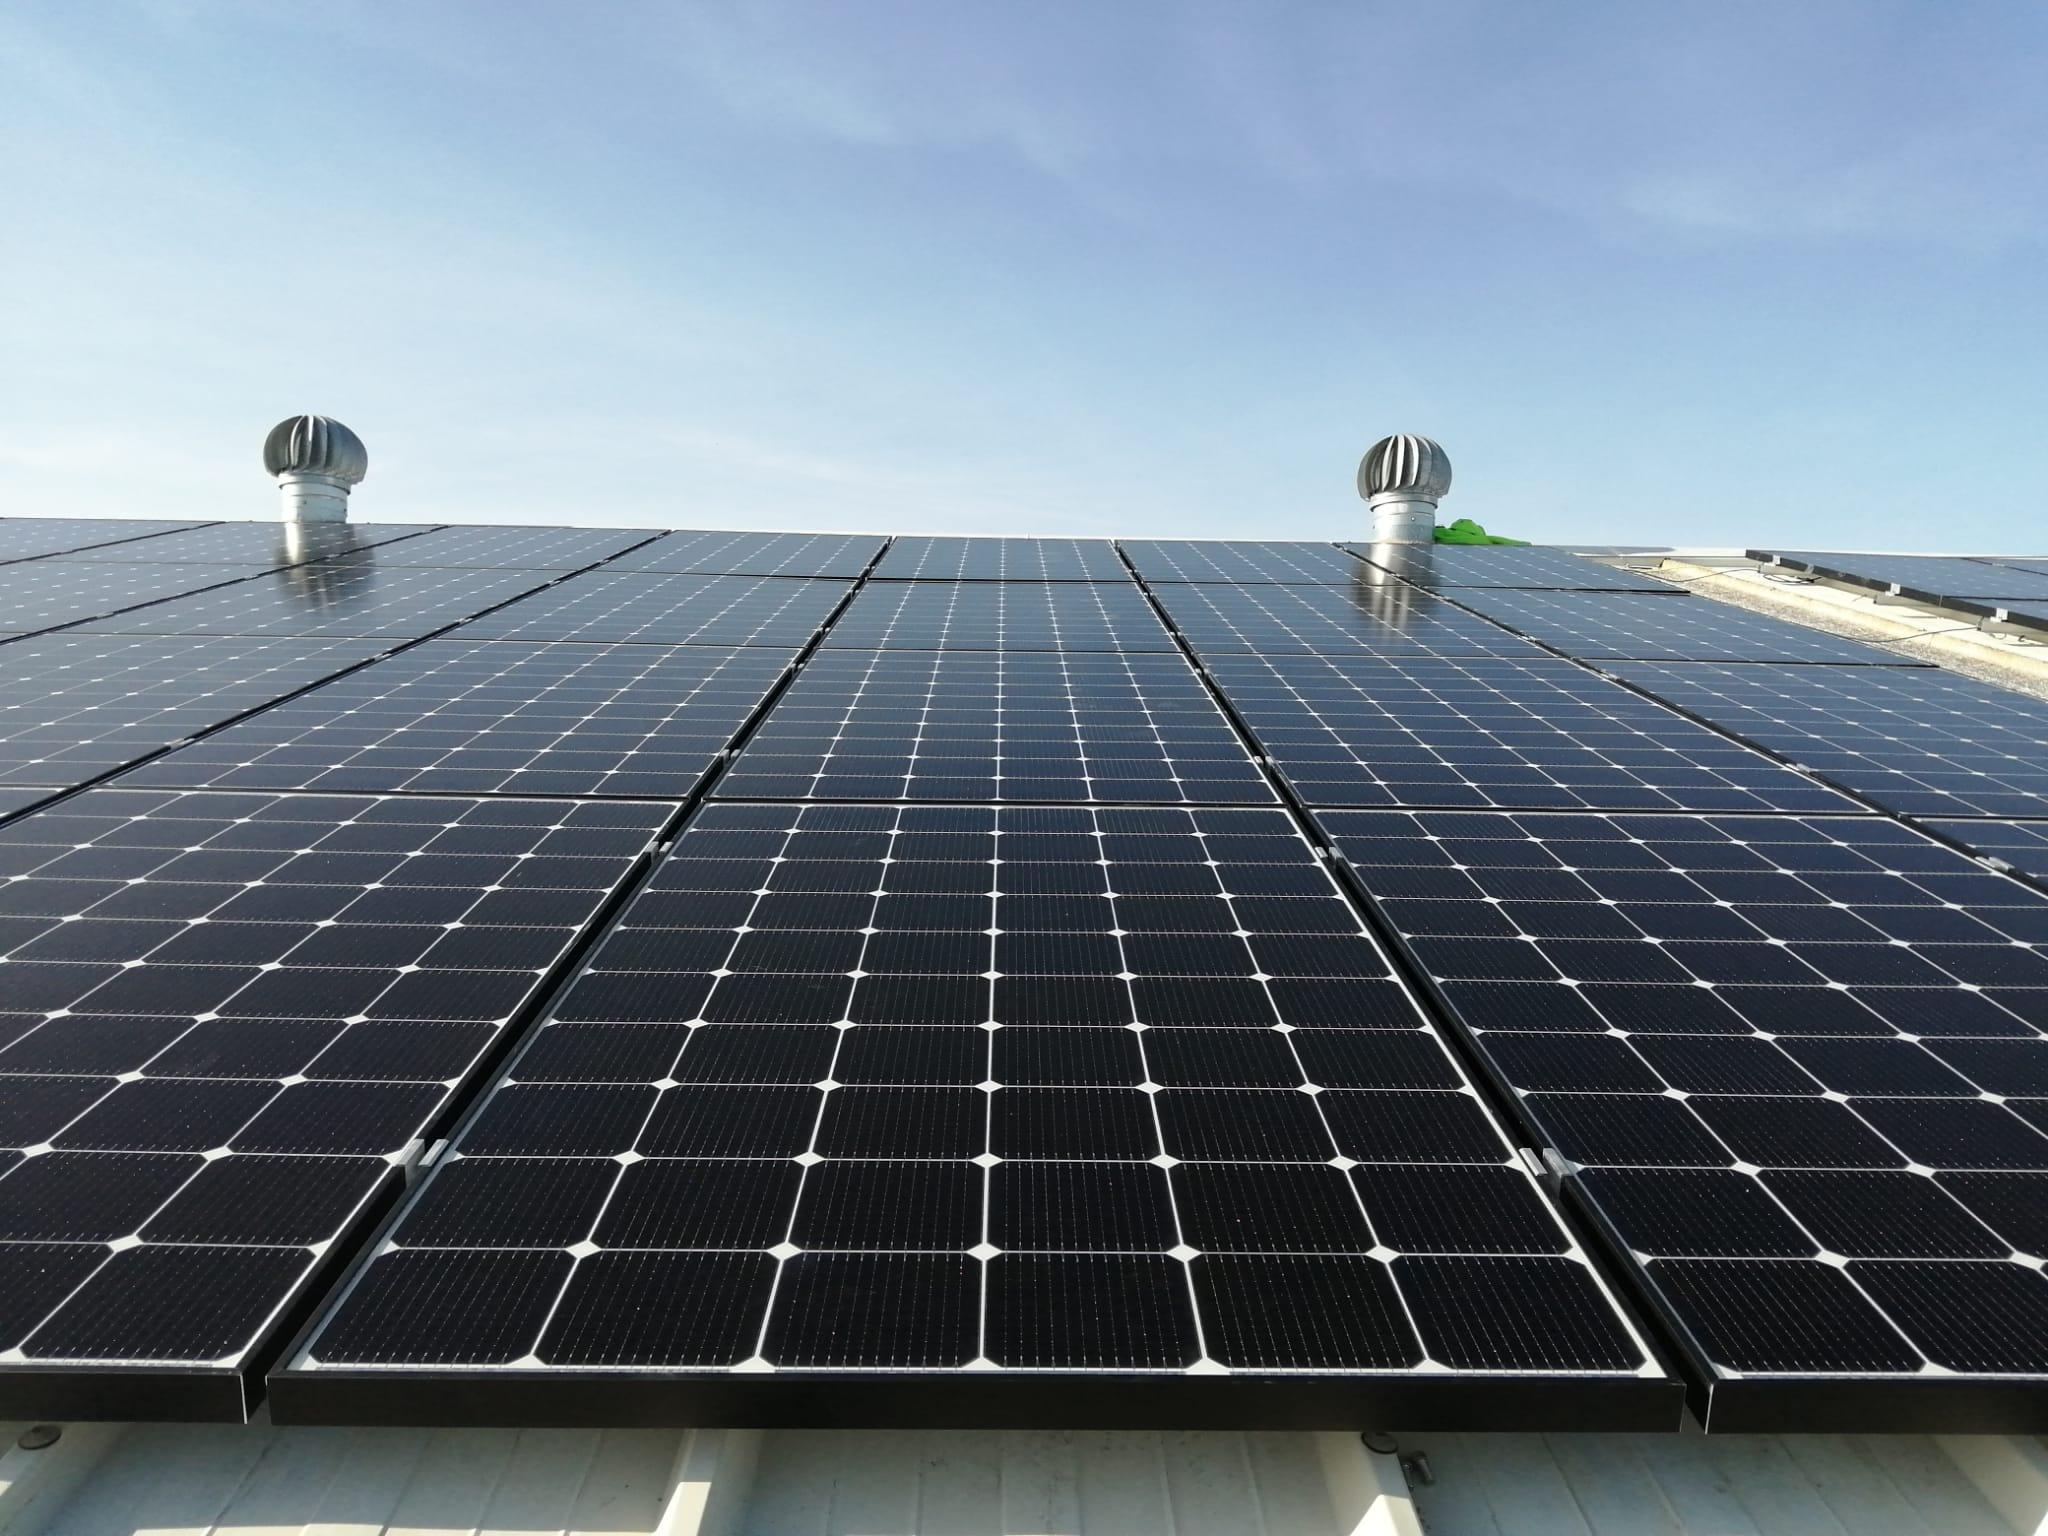 CyG, un referente tecnológico que elige paneles solares LG